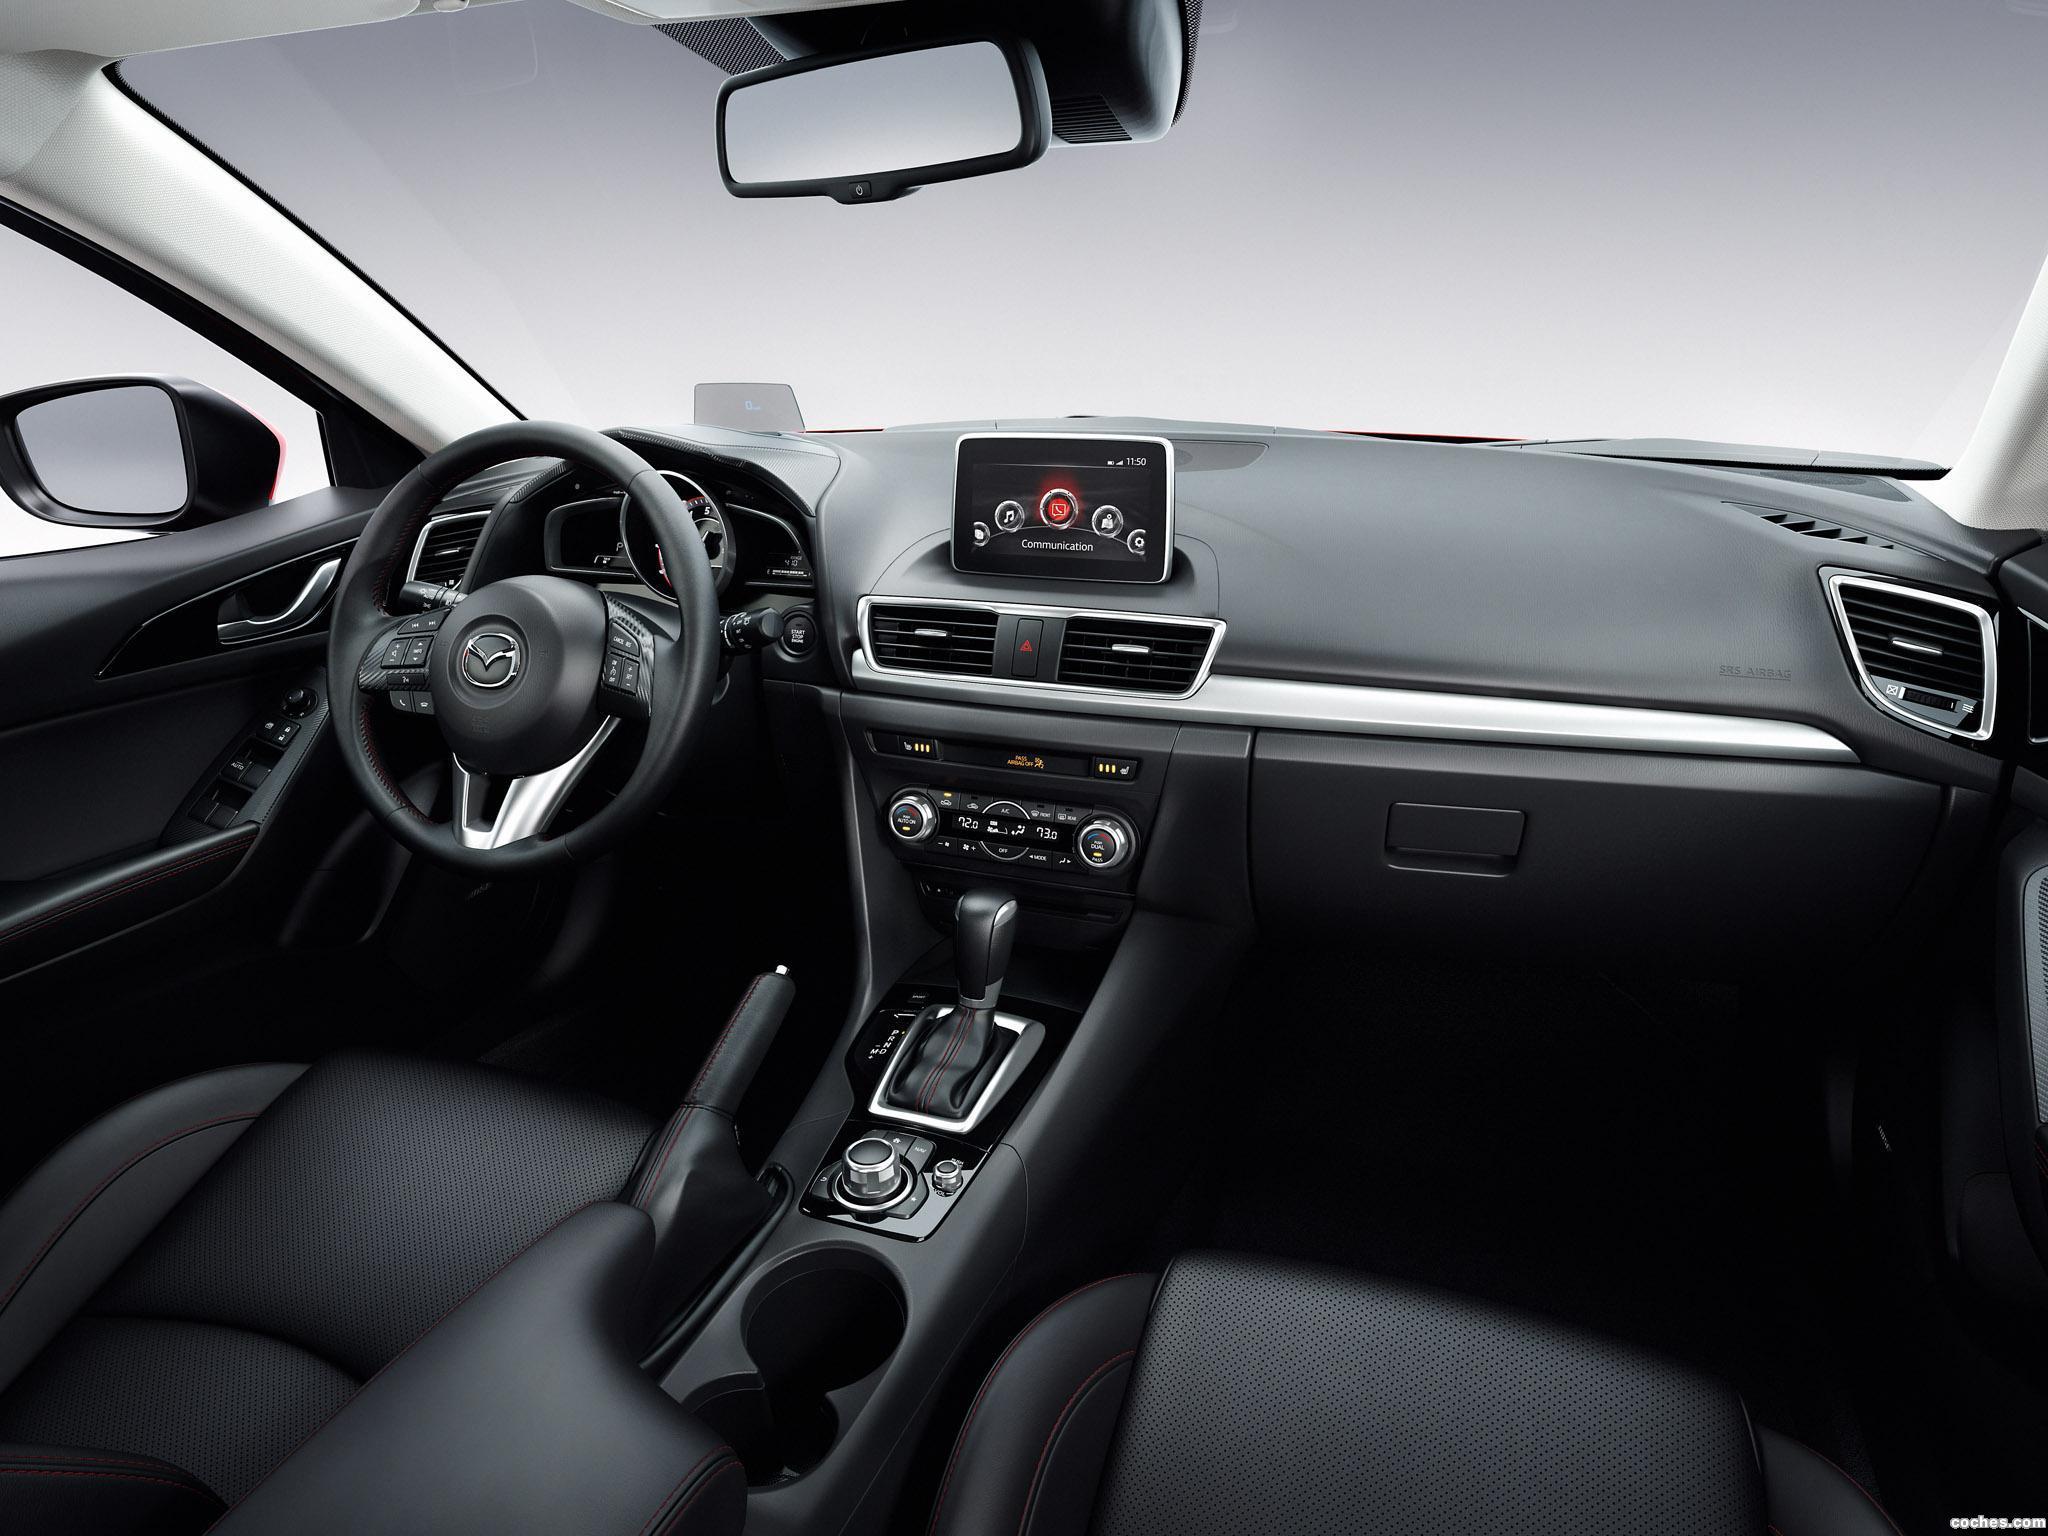 Foto 7 de Mazda 3 Hatchback 2014